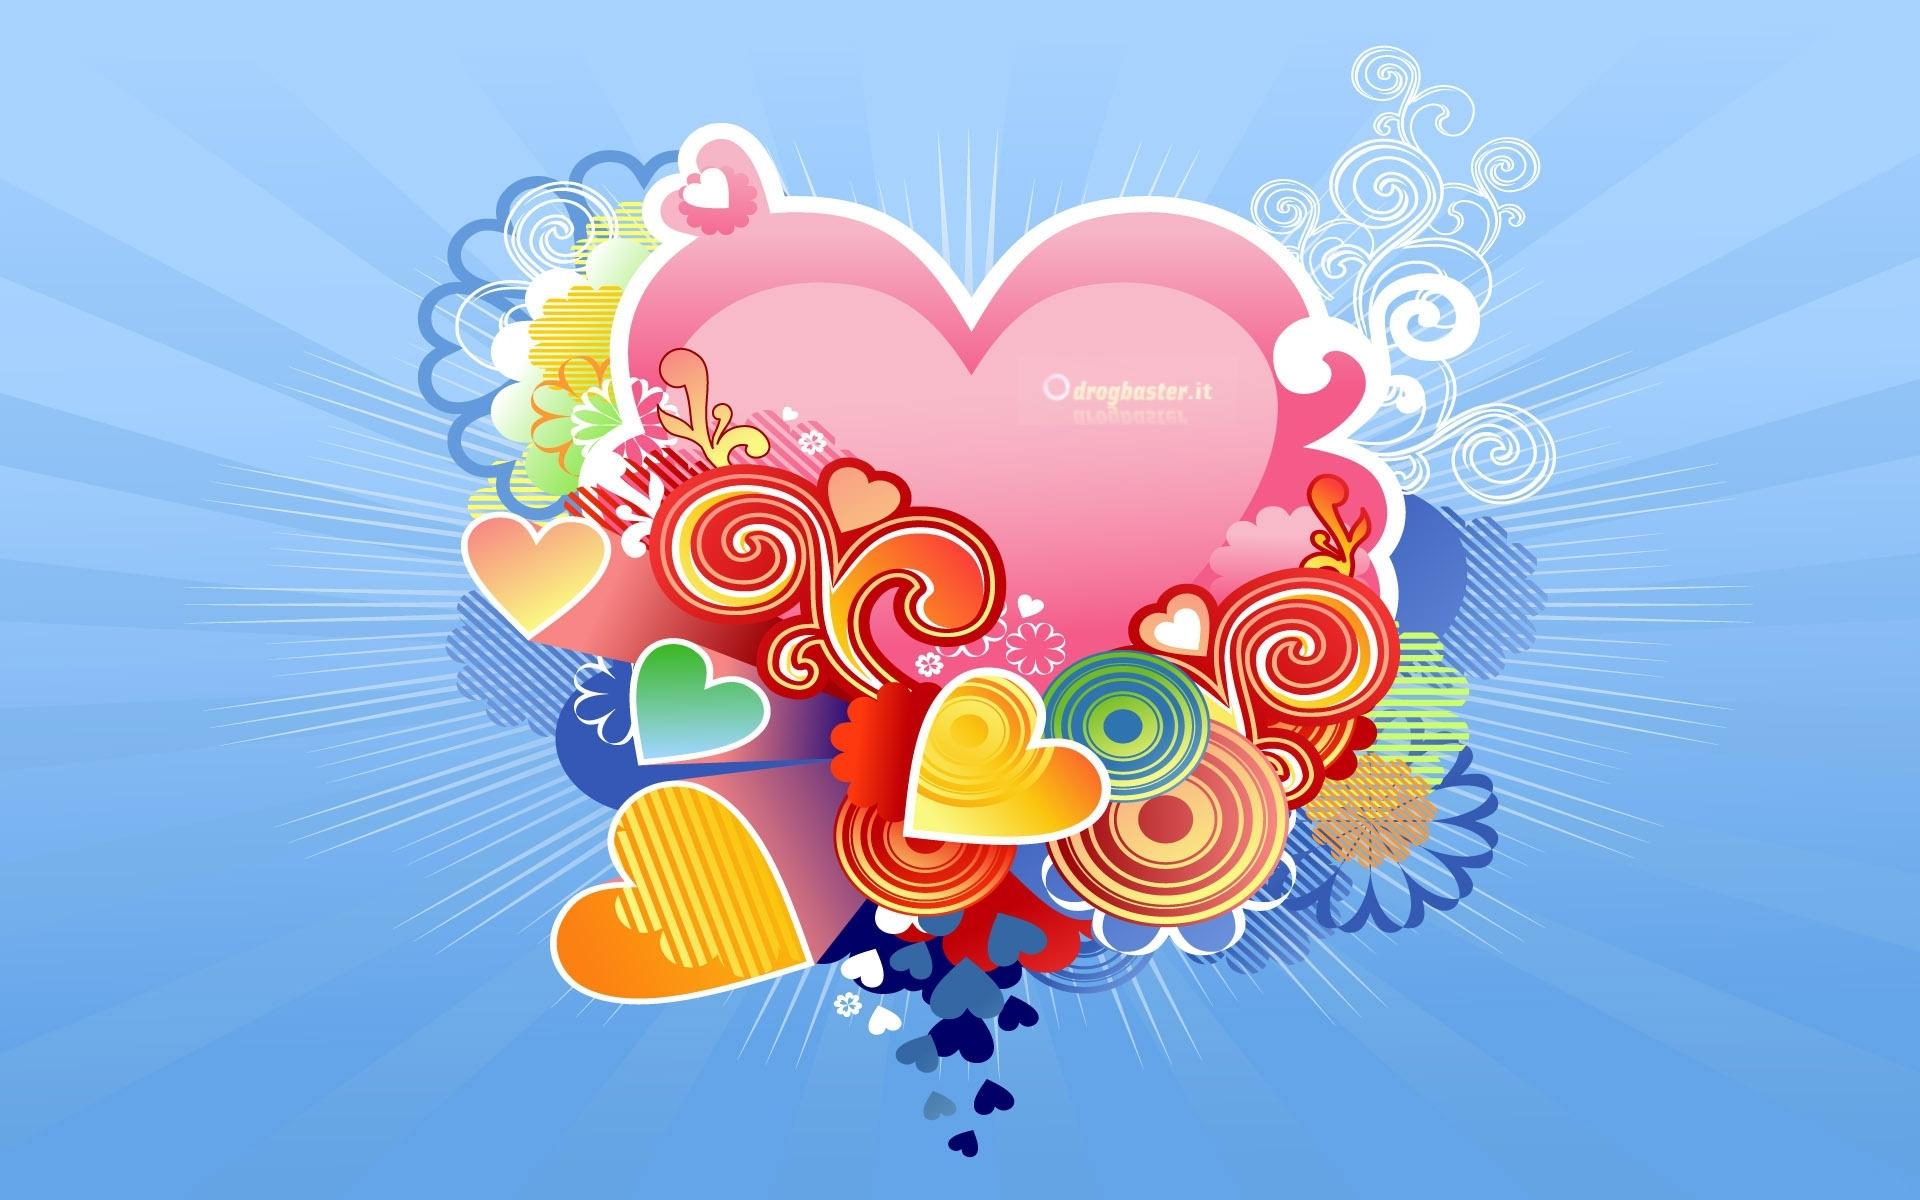 Sfondi e immagini san valentino da scaricare gratis - San valentin desktop backgrounds ...